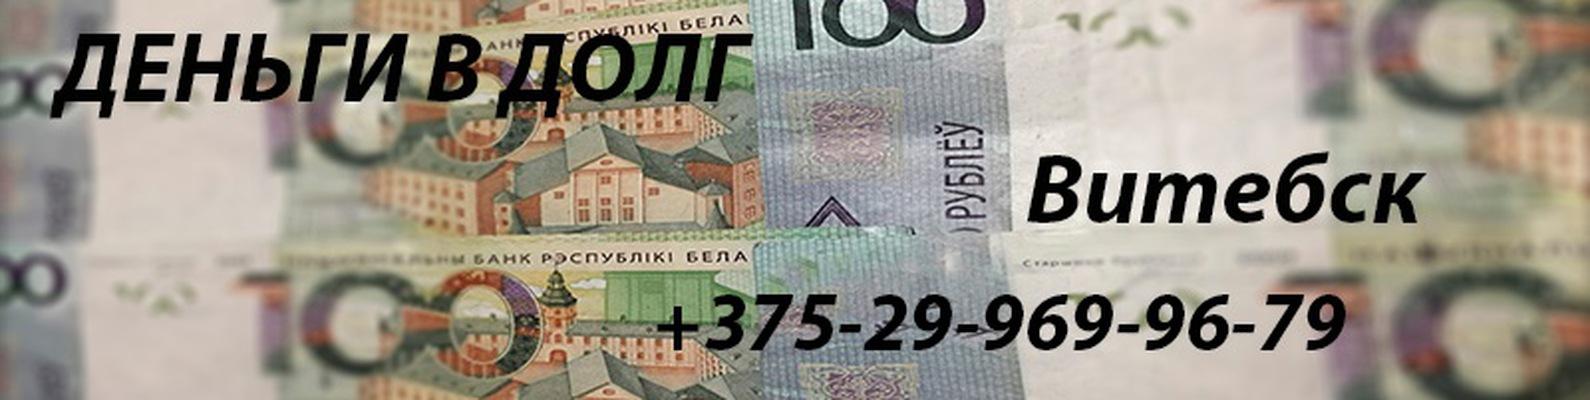 Деньги в долг в витебске без справок заем или деньги в долг